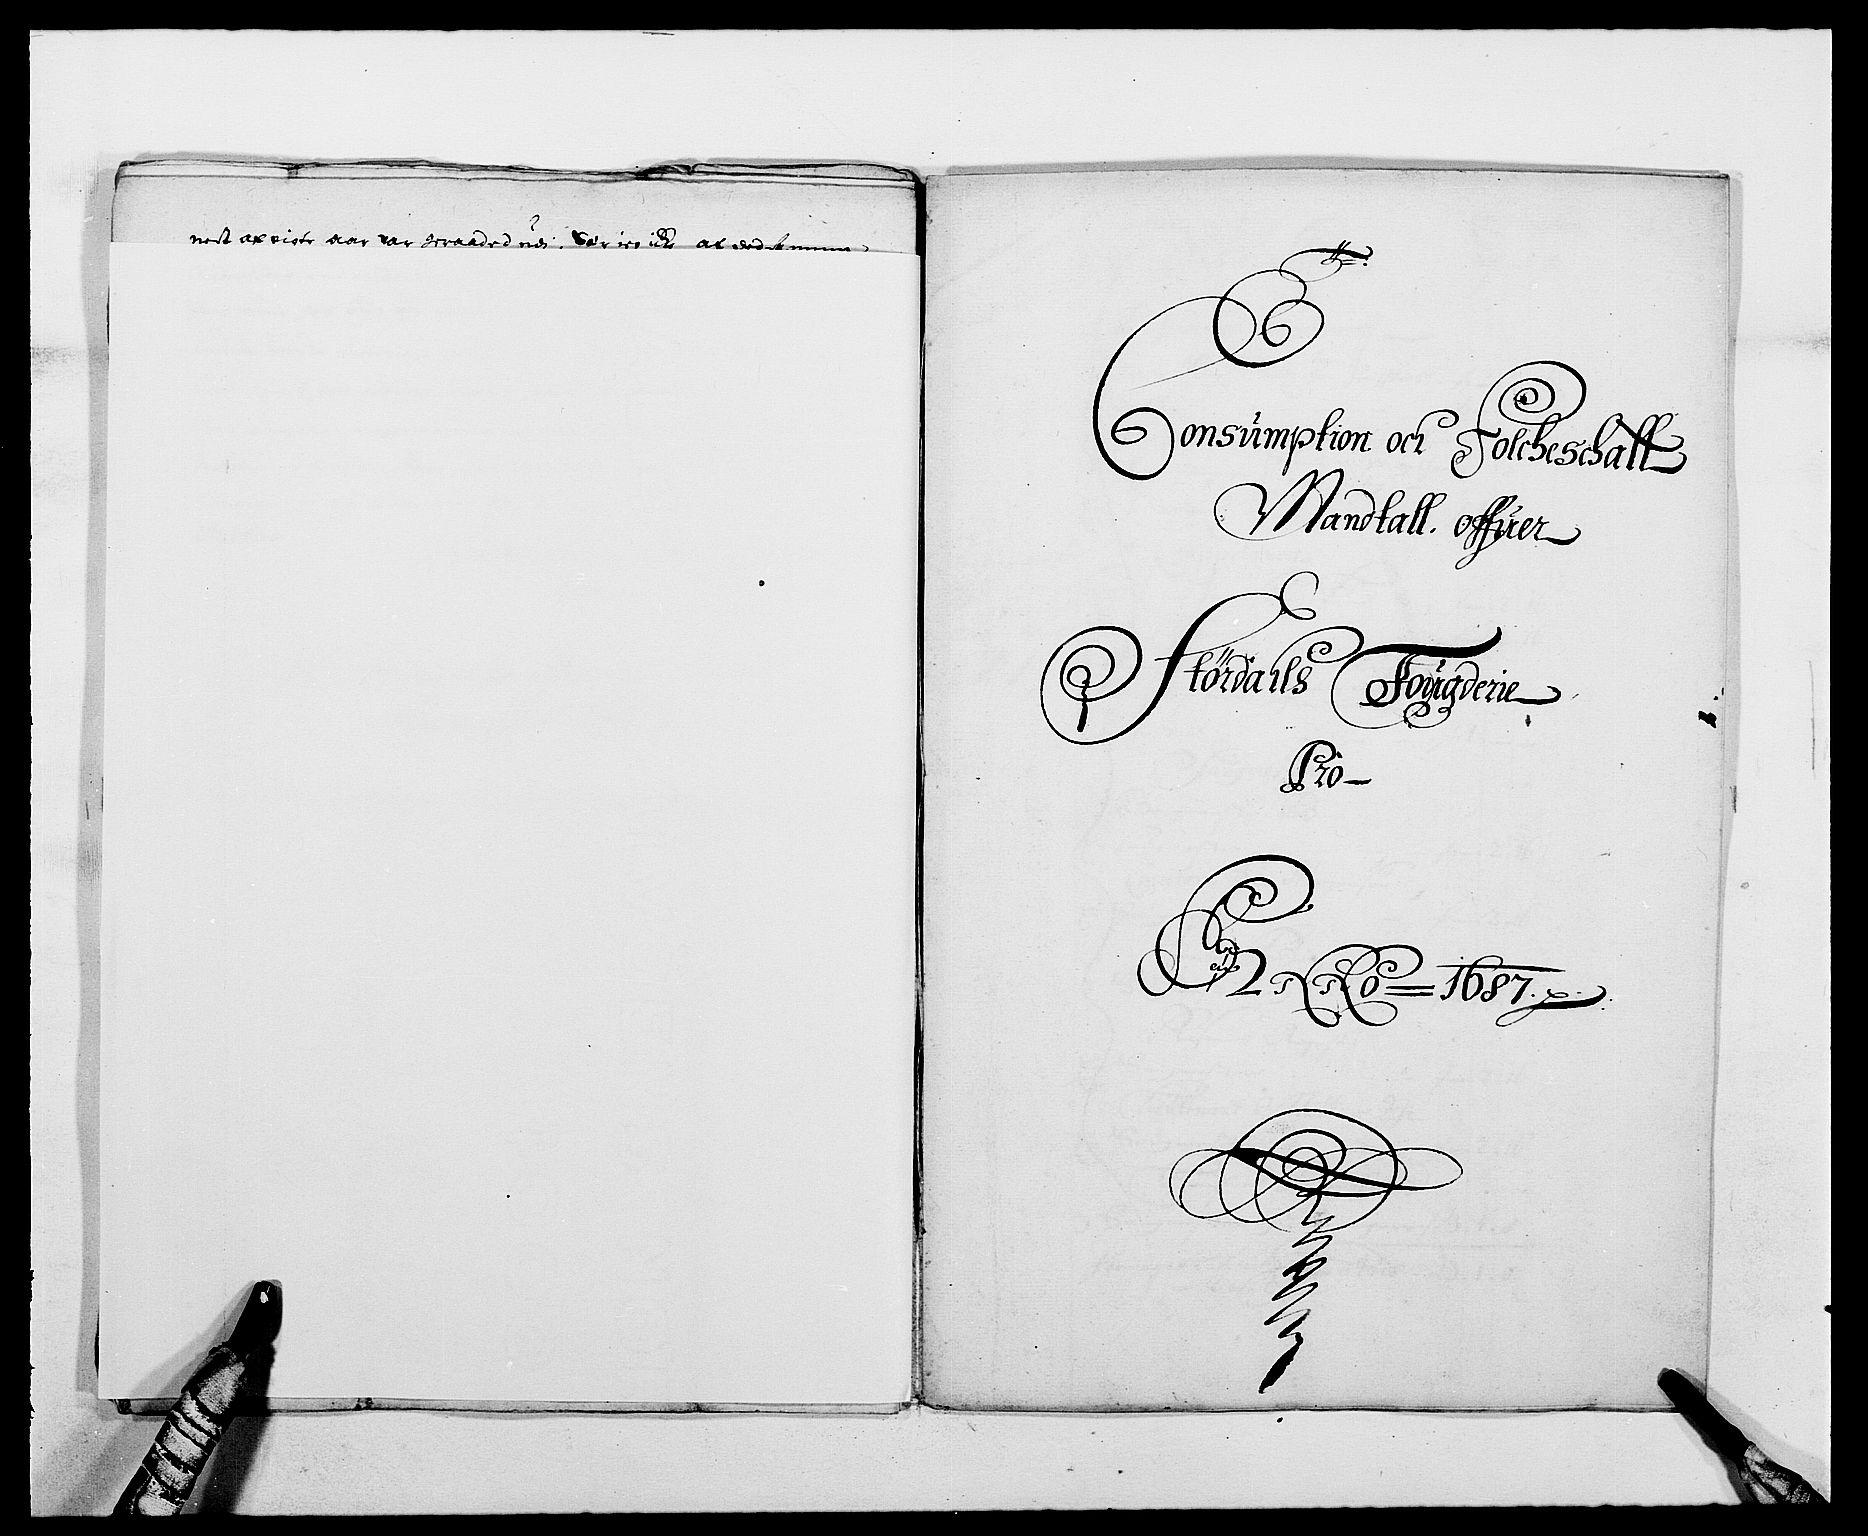 RA, Rentekammeret inntil 1814, Reviderte regnskaper, Fogderegnskap, R62/L4183: Fogderegnskap Stjørdal og Verdal, 1687-1689, s. 157